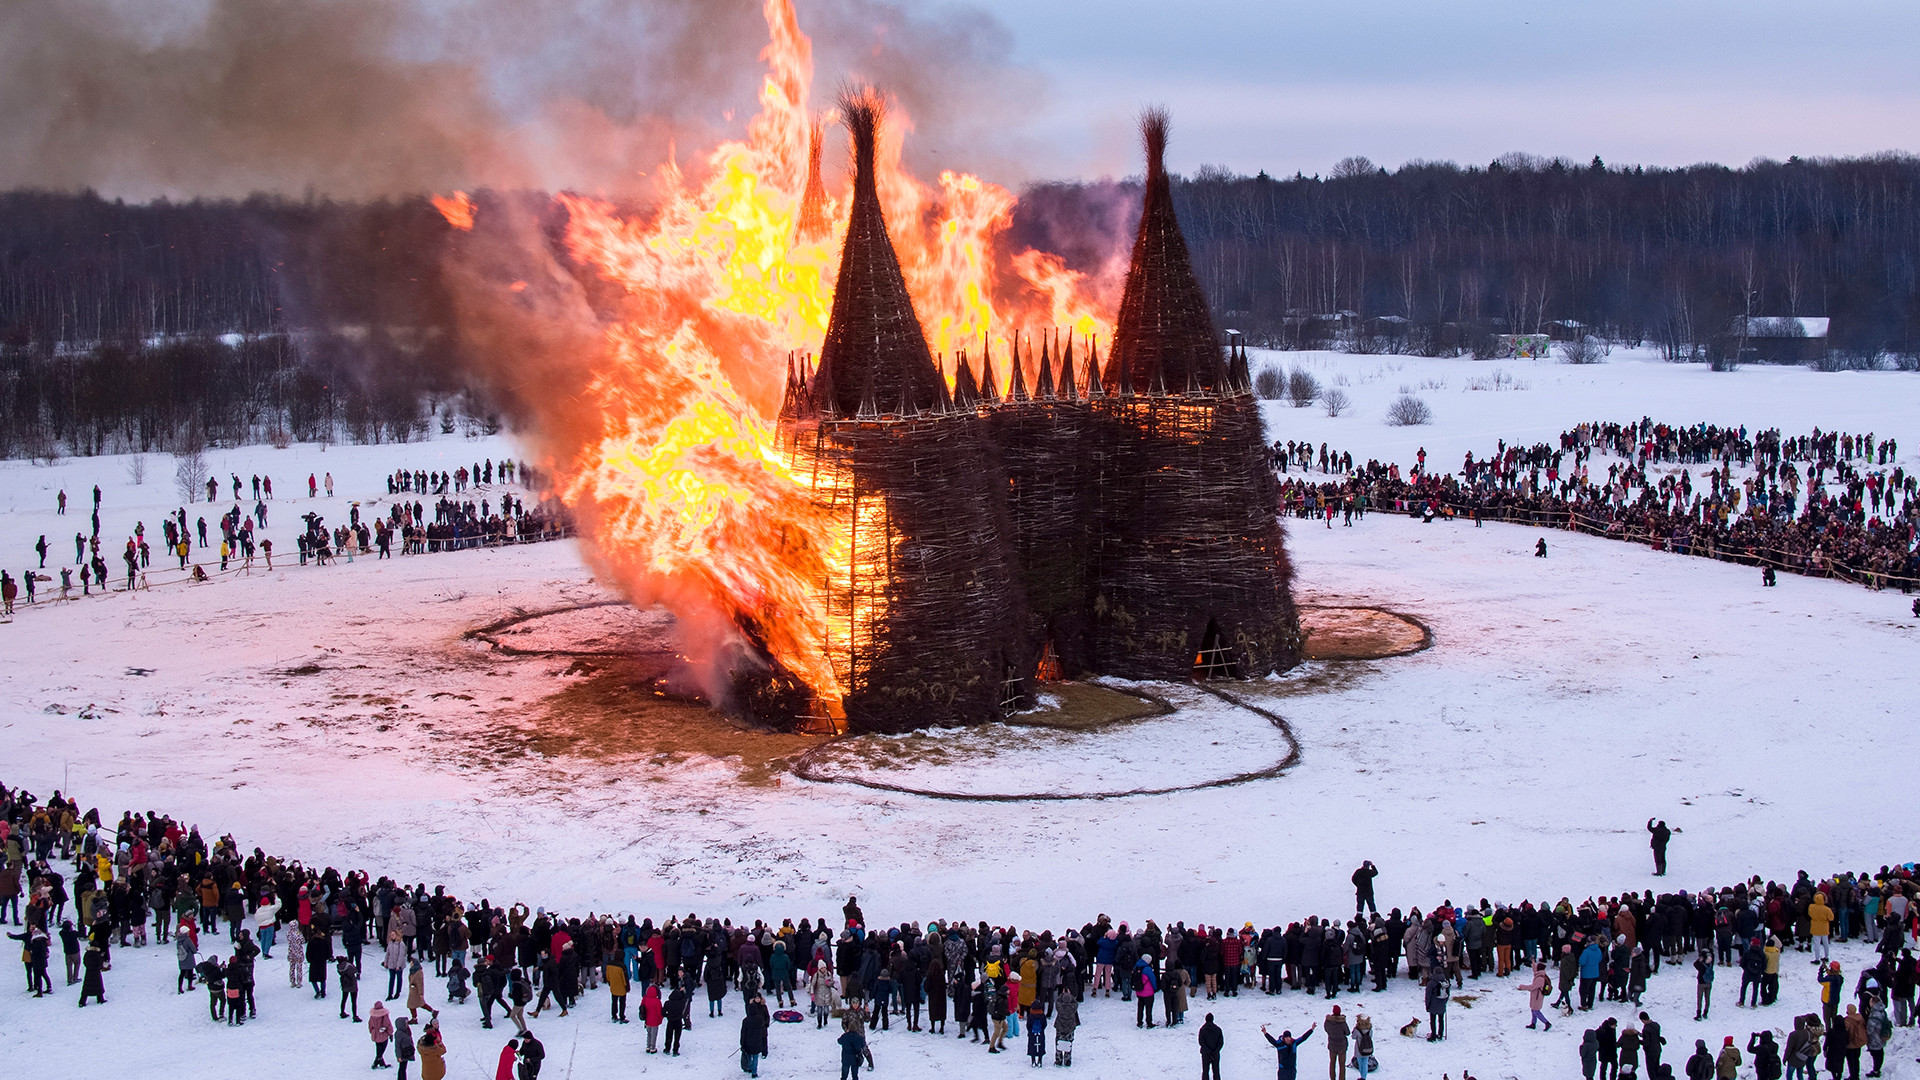 Una costruzione di legno a forma di castello brucia nel parco Nikola-Lenivets, a sud-ovest di Mosca, come parte dei festeggiamenti della Maslenitsa, 13 marzo 2021